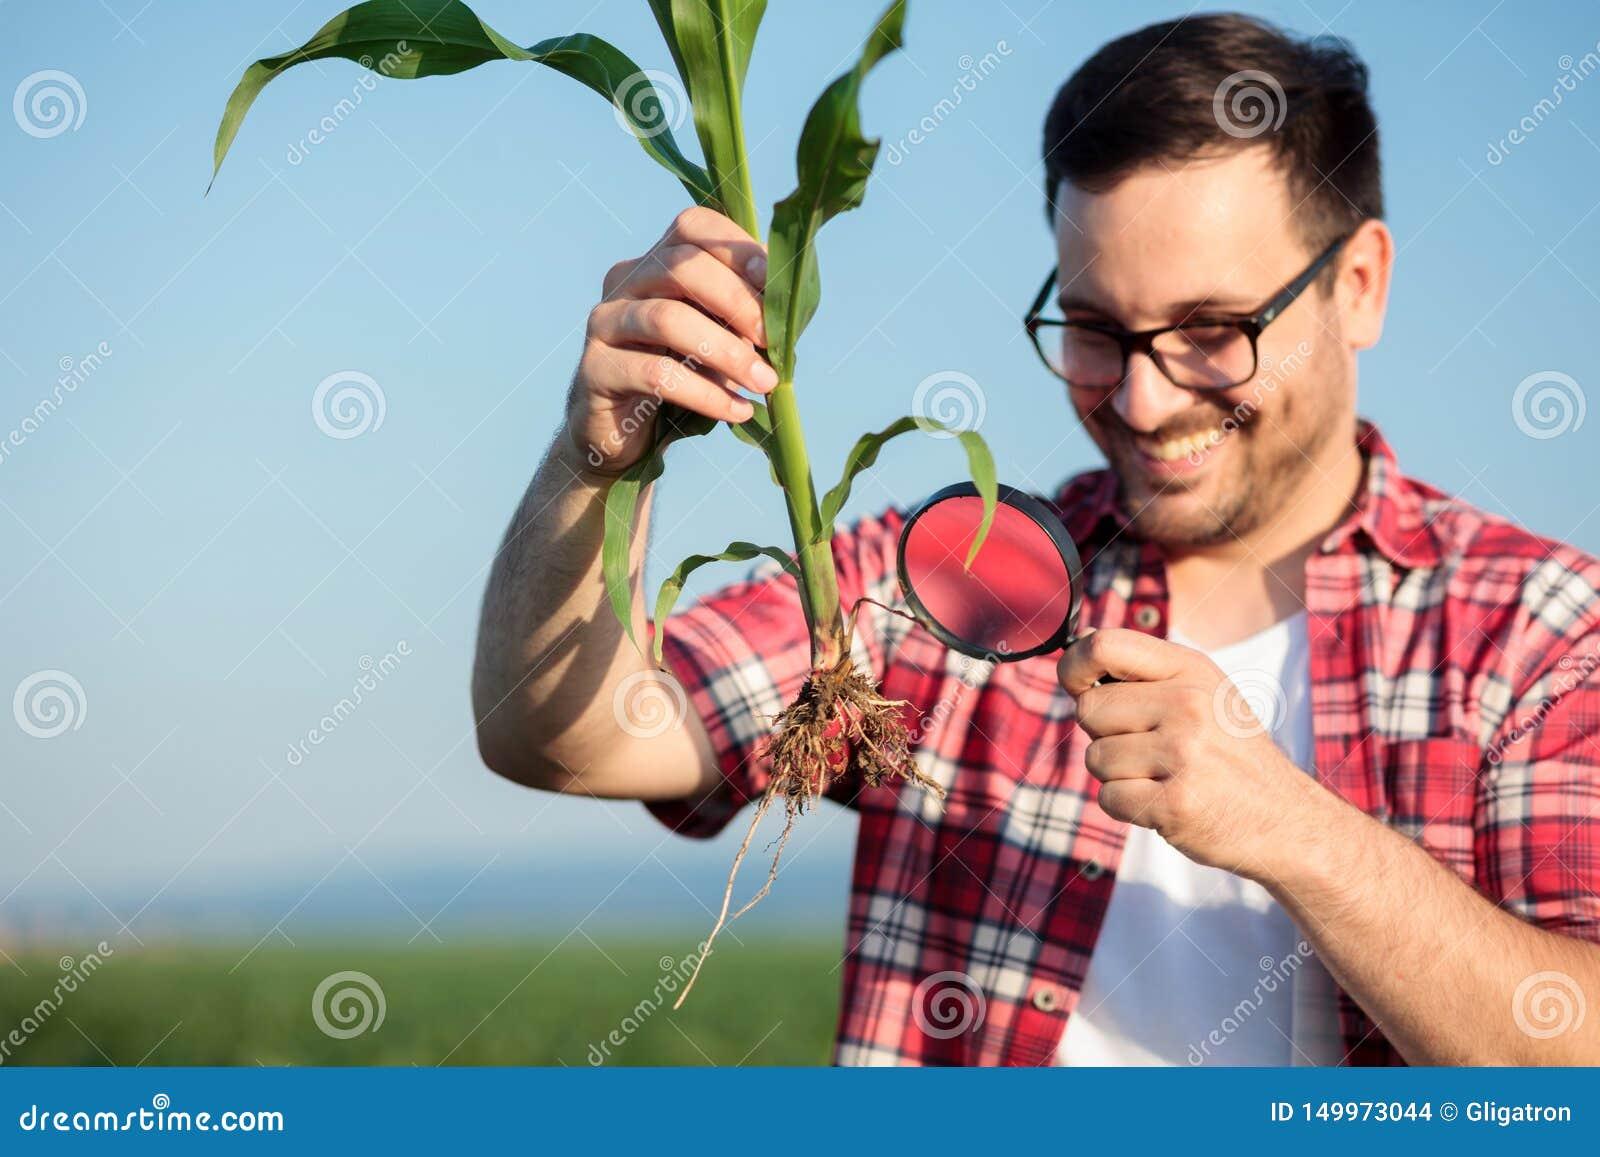 Счастливые молодые agronomist или фермер рассматривая молодой корень завода мозоли с лупой